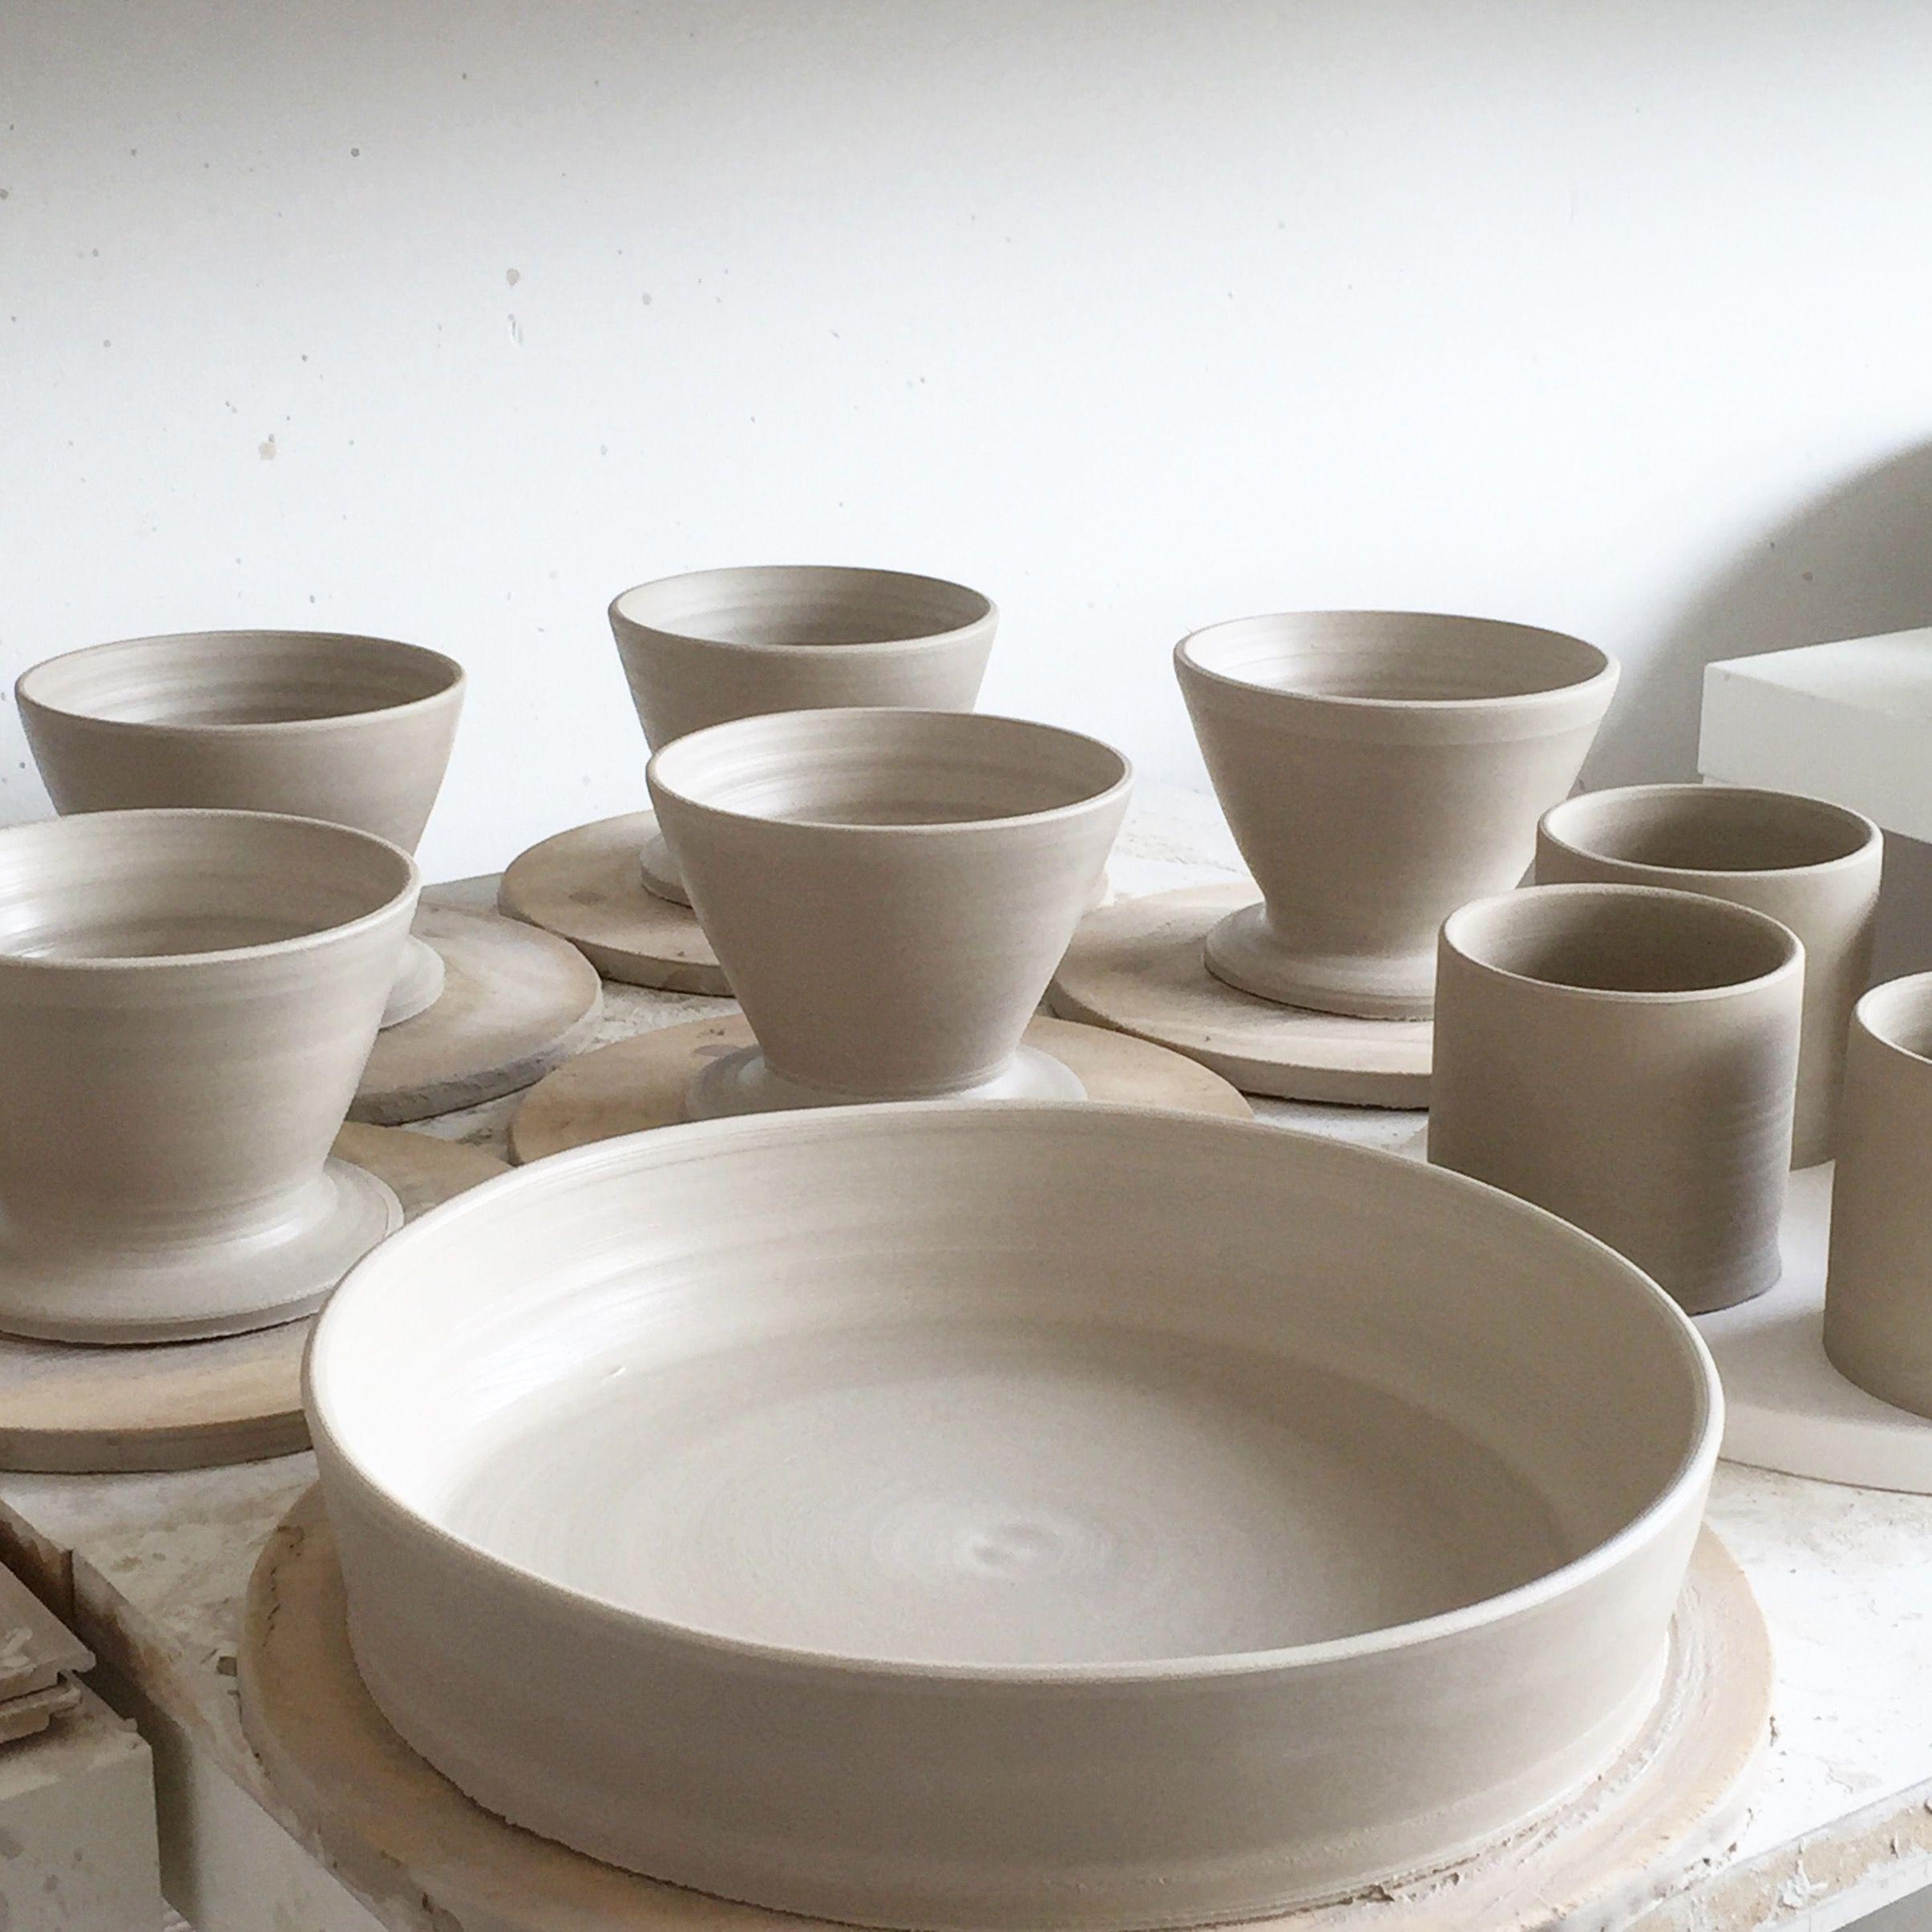 By Annemieke Boots Ceramics Keramiek Serviesgoed Borden